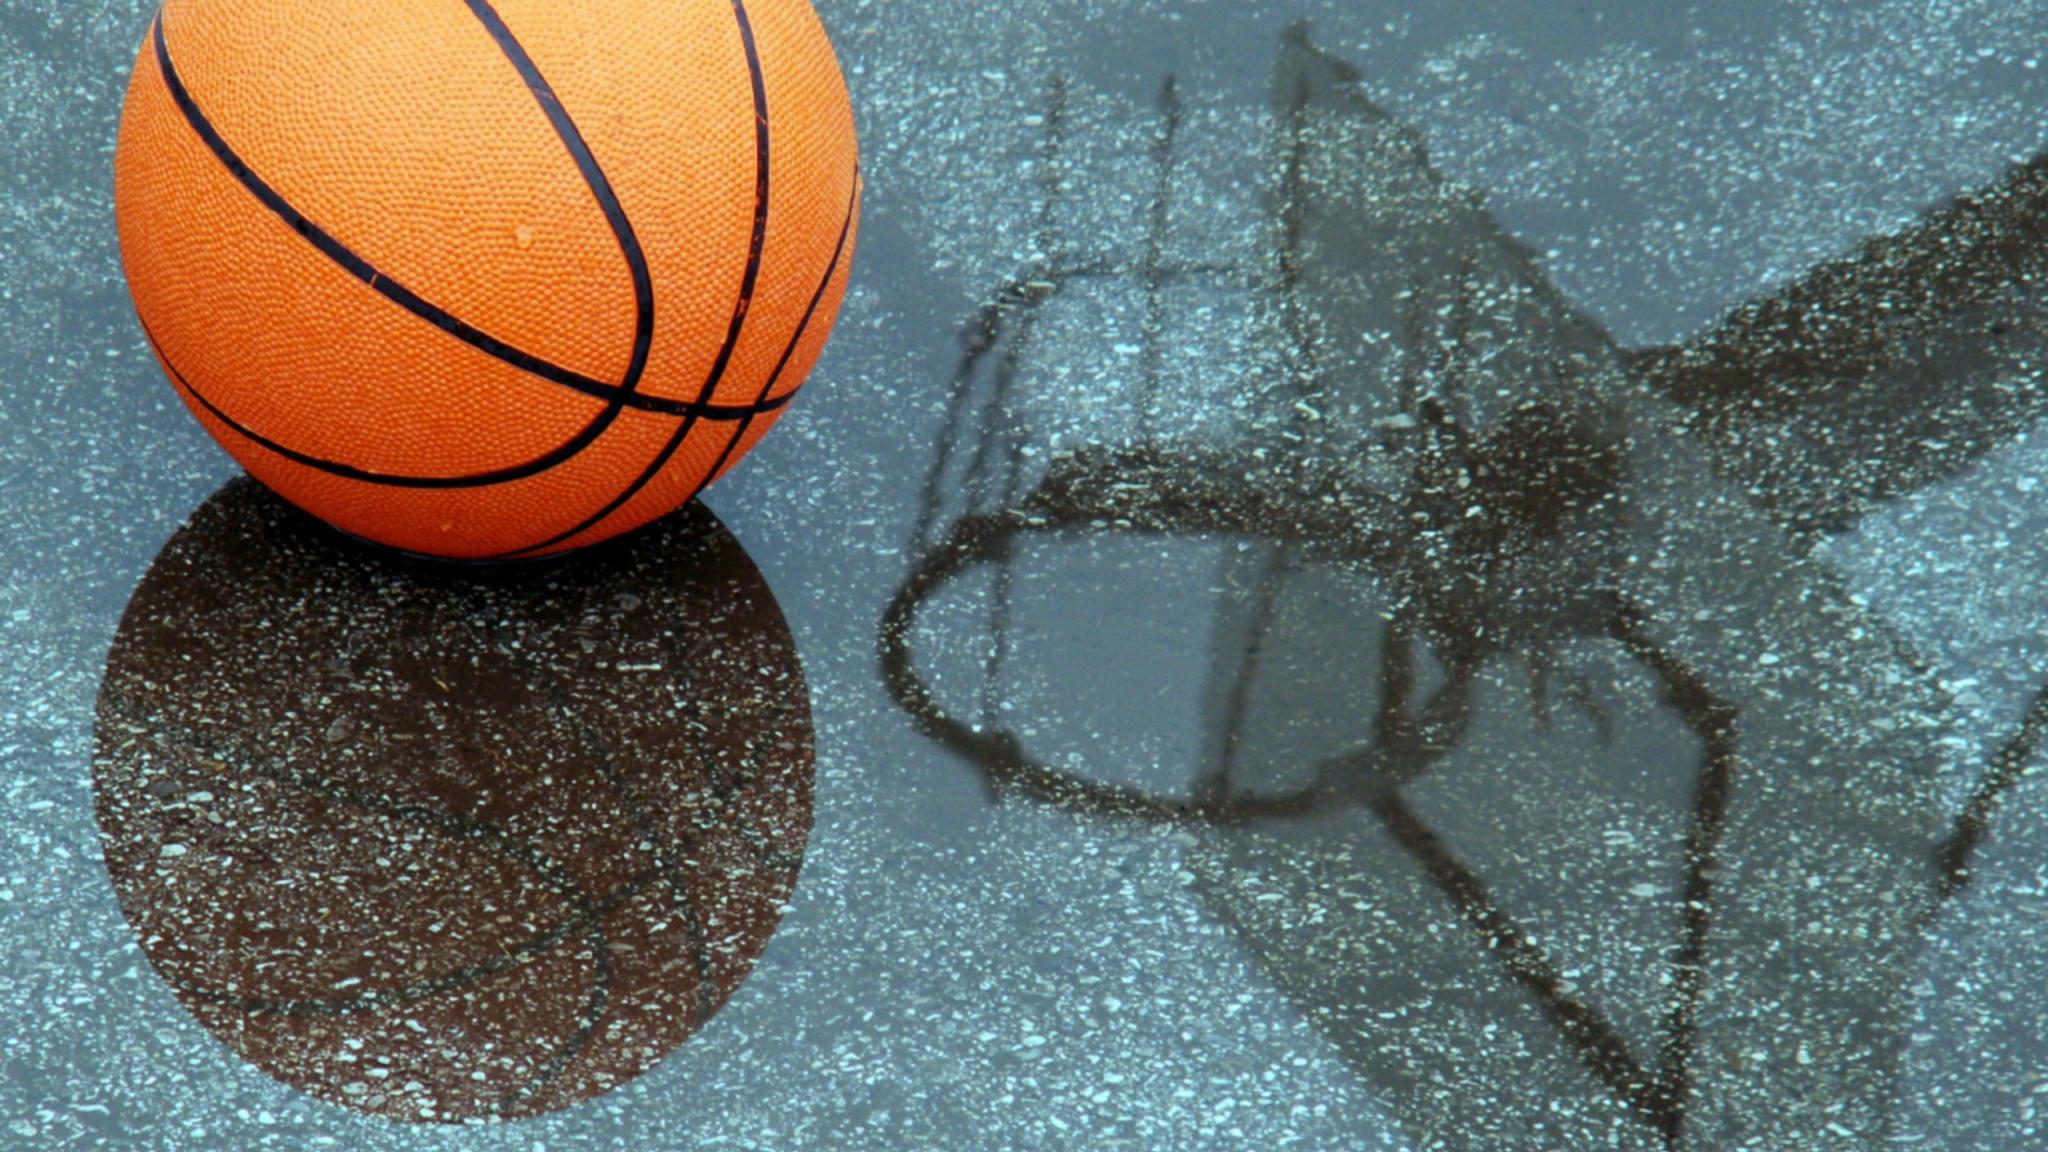 Basketball Wallpapers HD Wallpaper 2048x1152